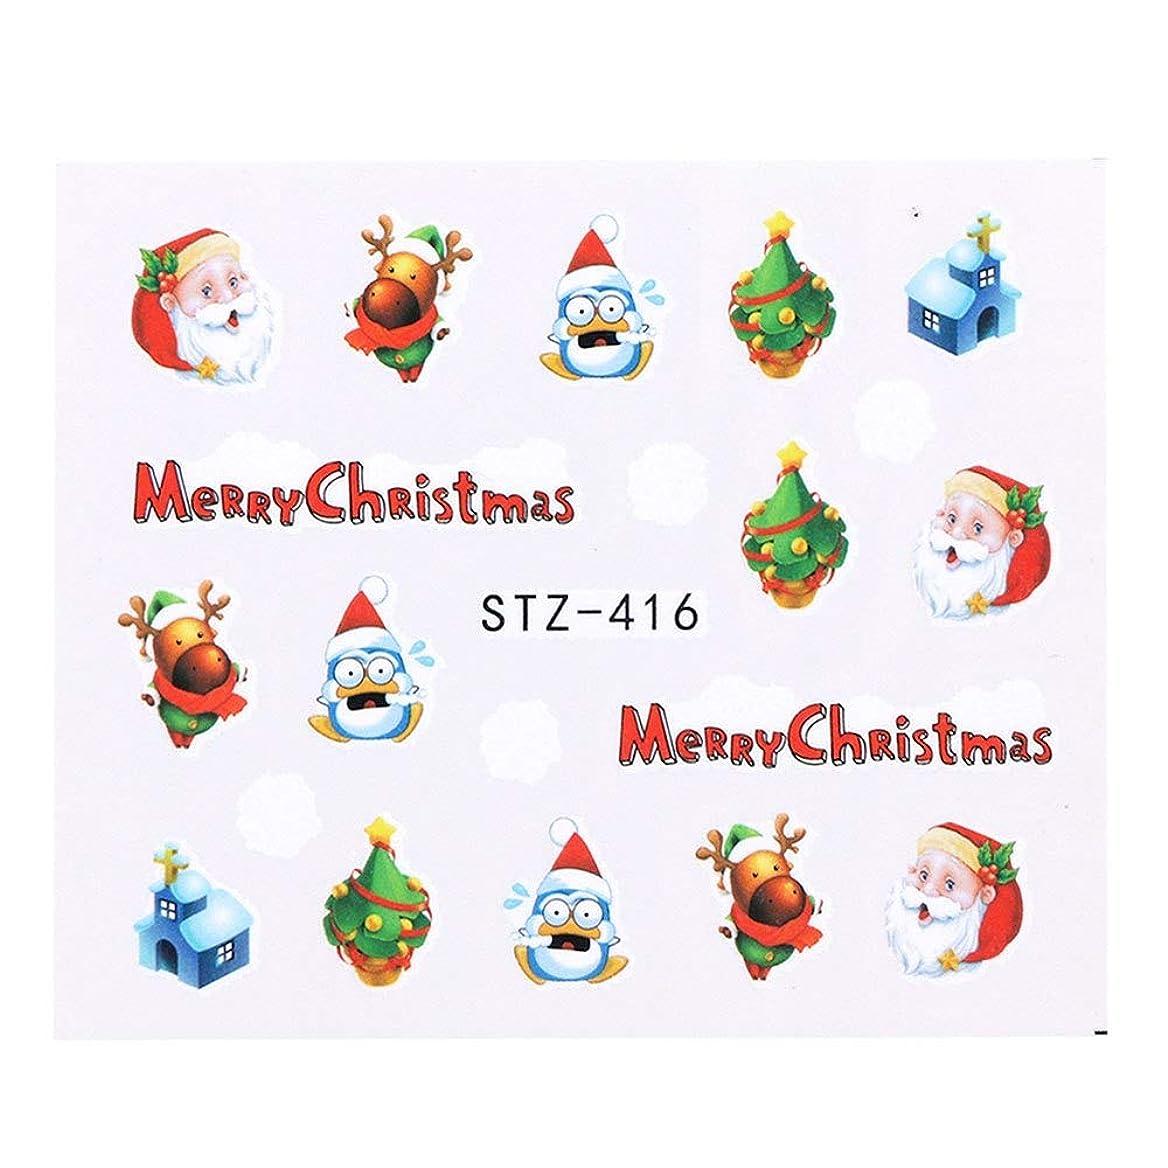 入口リズミカルな代数的1シートクリスマスネイルアートウォーターステッカー漫画ヘラジカ雪だるまフルカバースライダーのヒントポーランドゲルジェルネイル装飾SASTZ405-438 STZ416